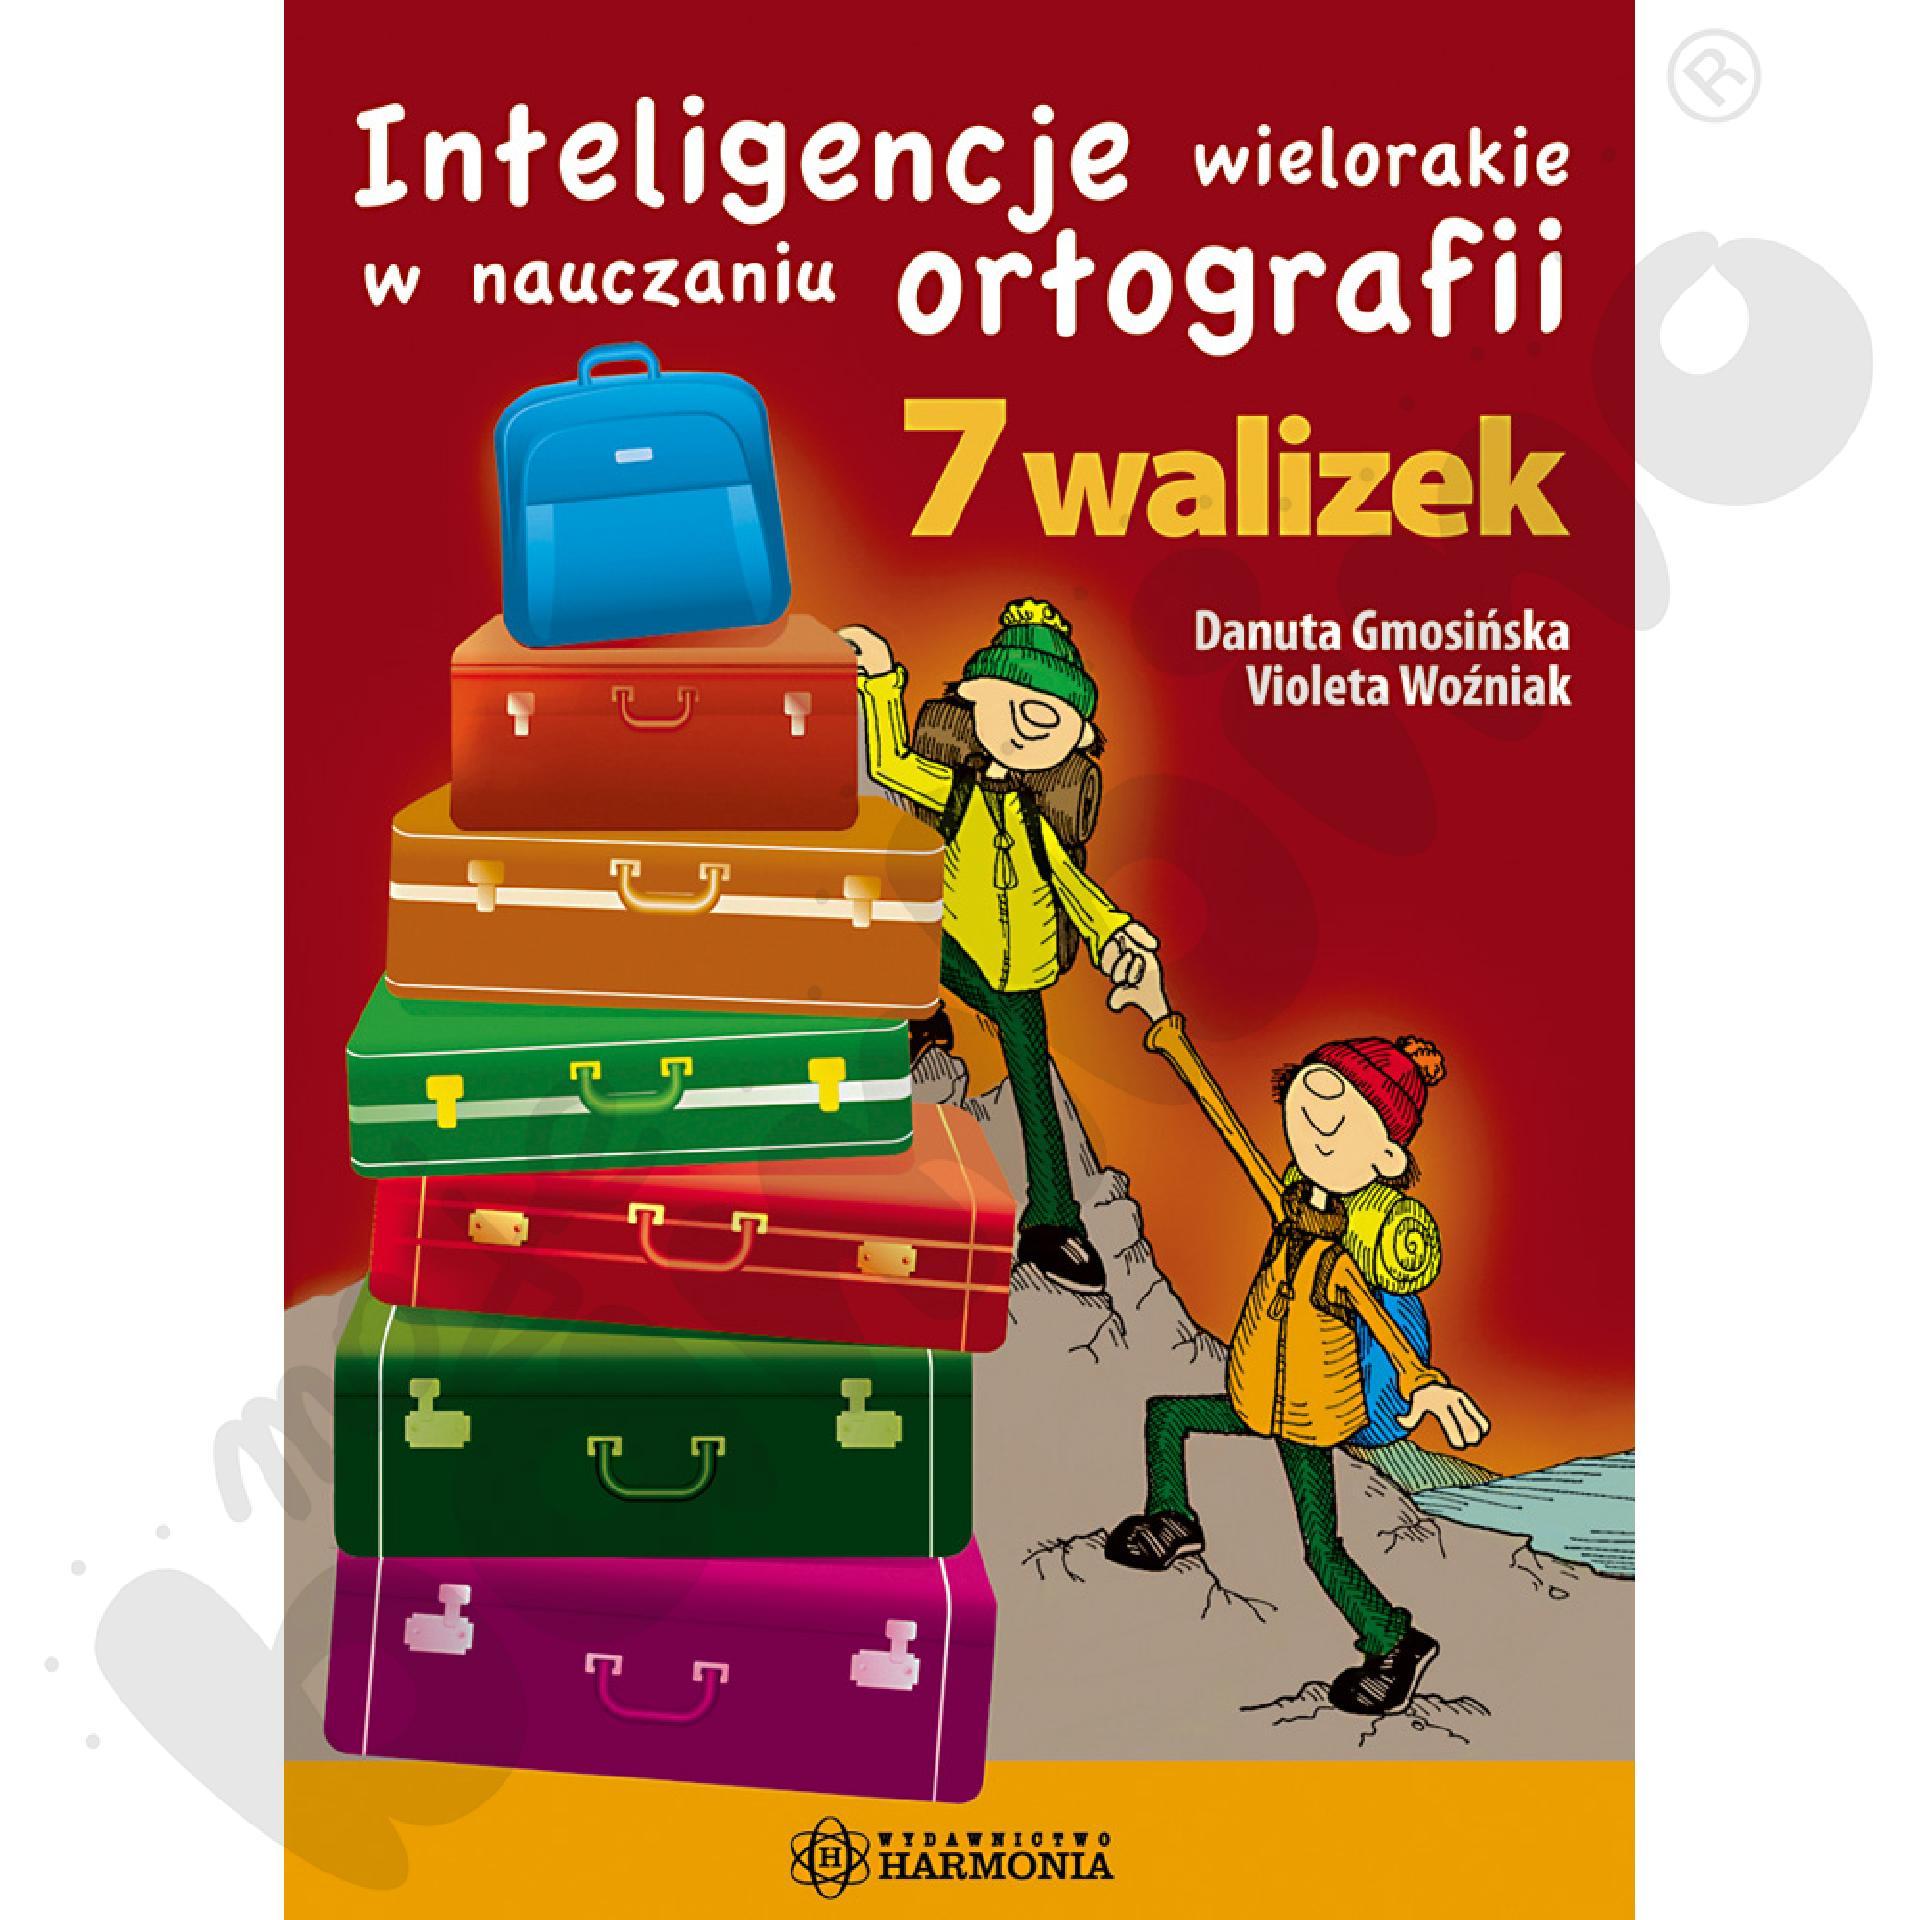 7 walizek. Inteligencje wielorakie w nauczaniu ortografii - komplet (książka + 2 teczki)